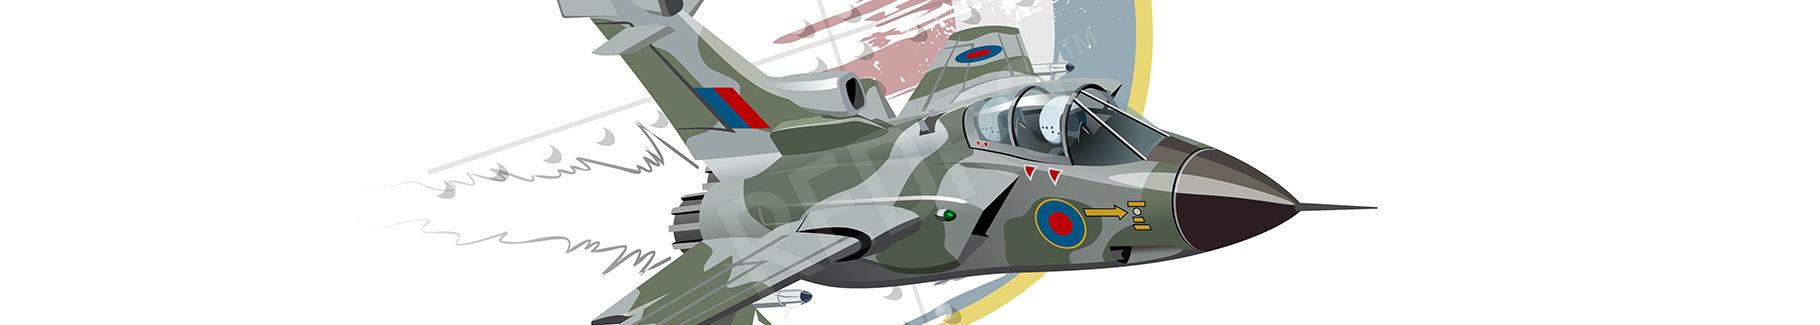 Naklejka samolot wojskowy